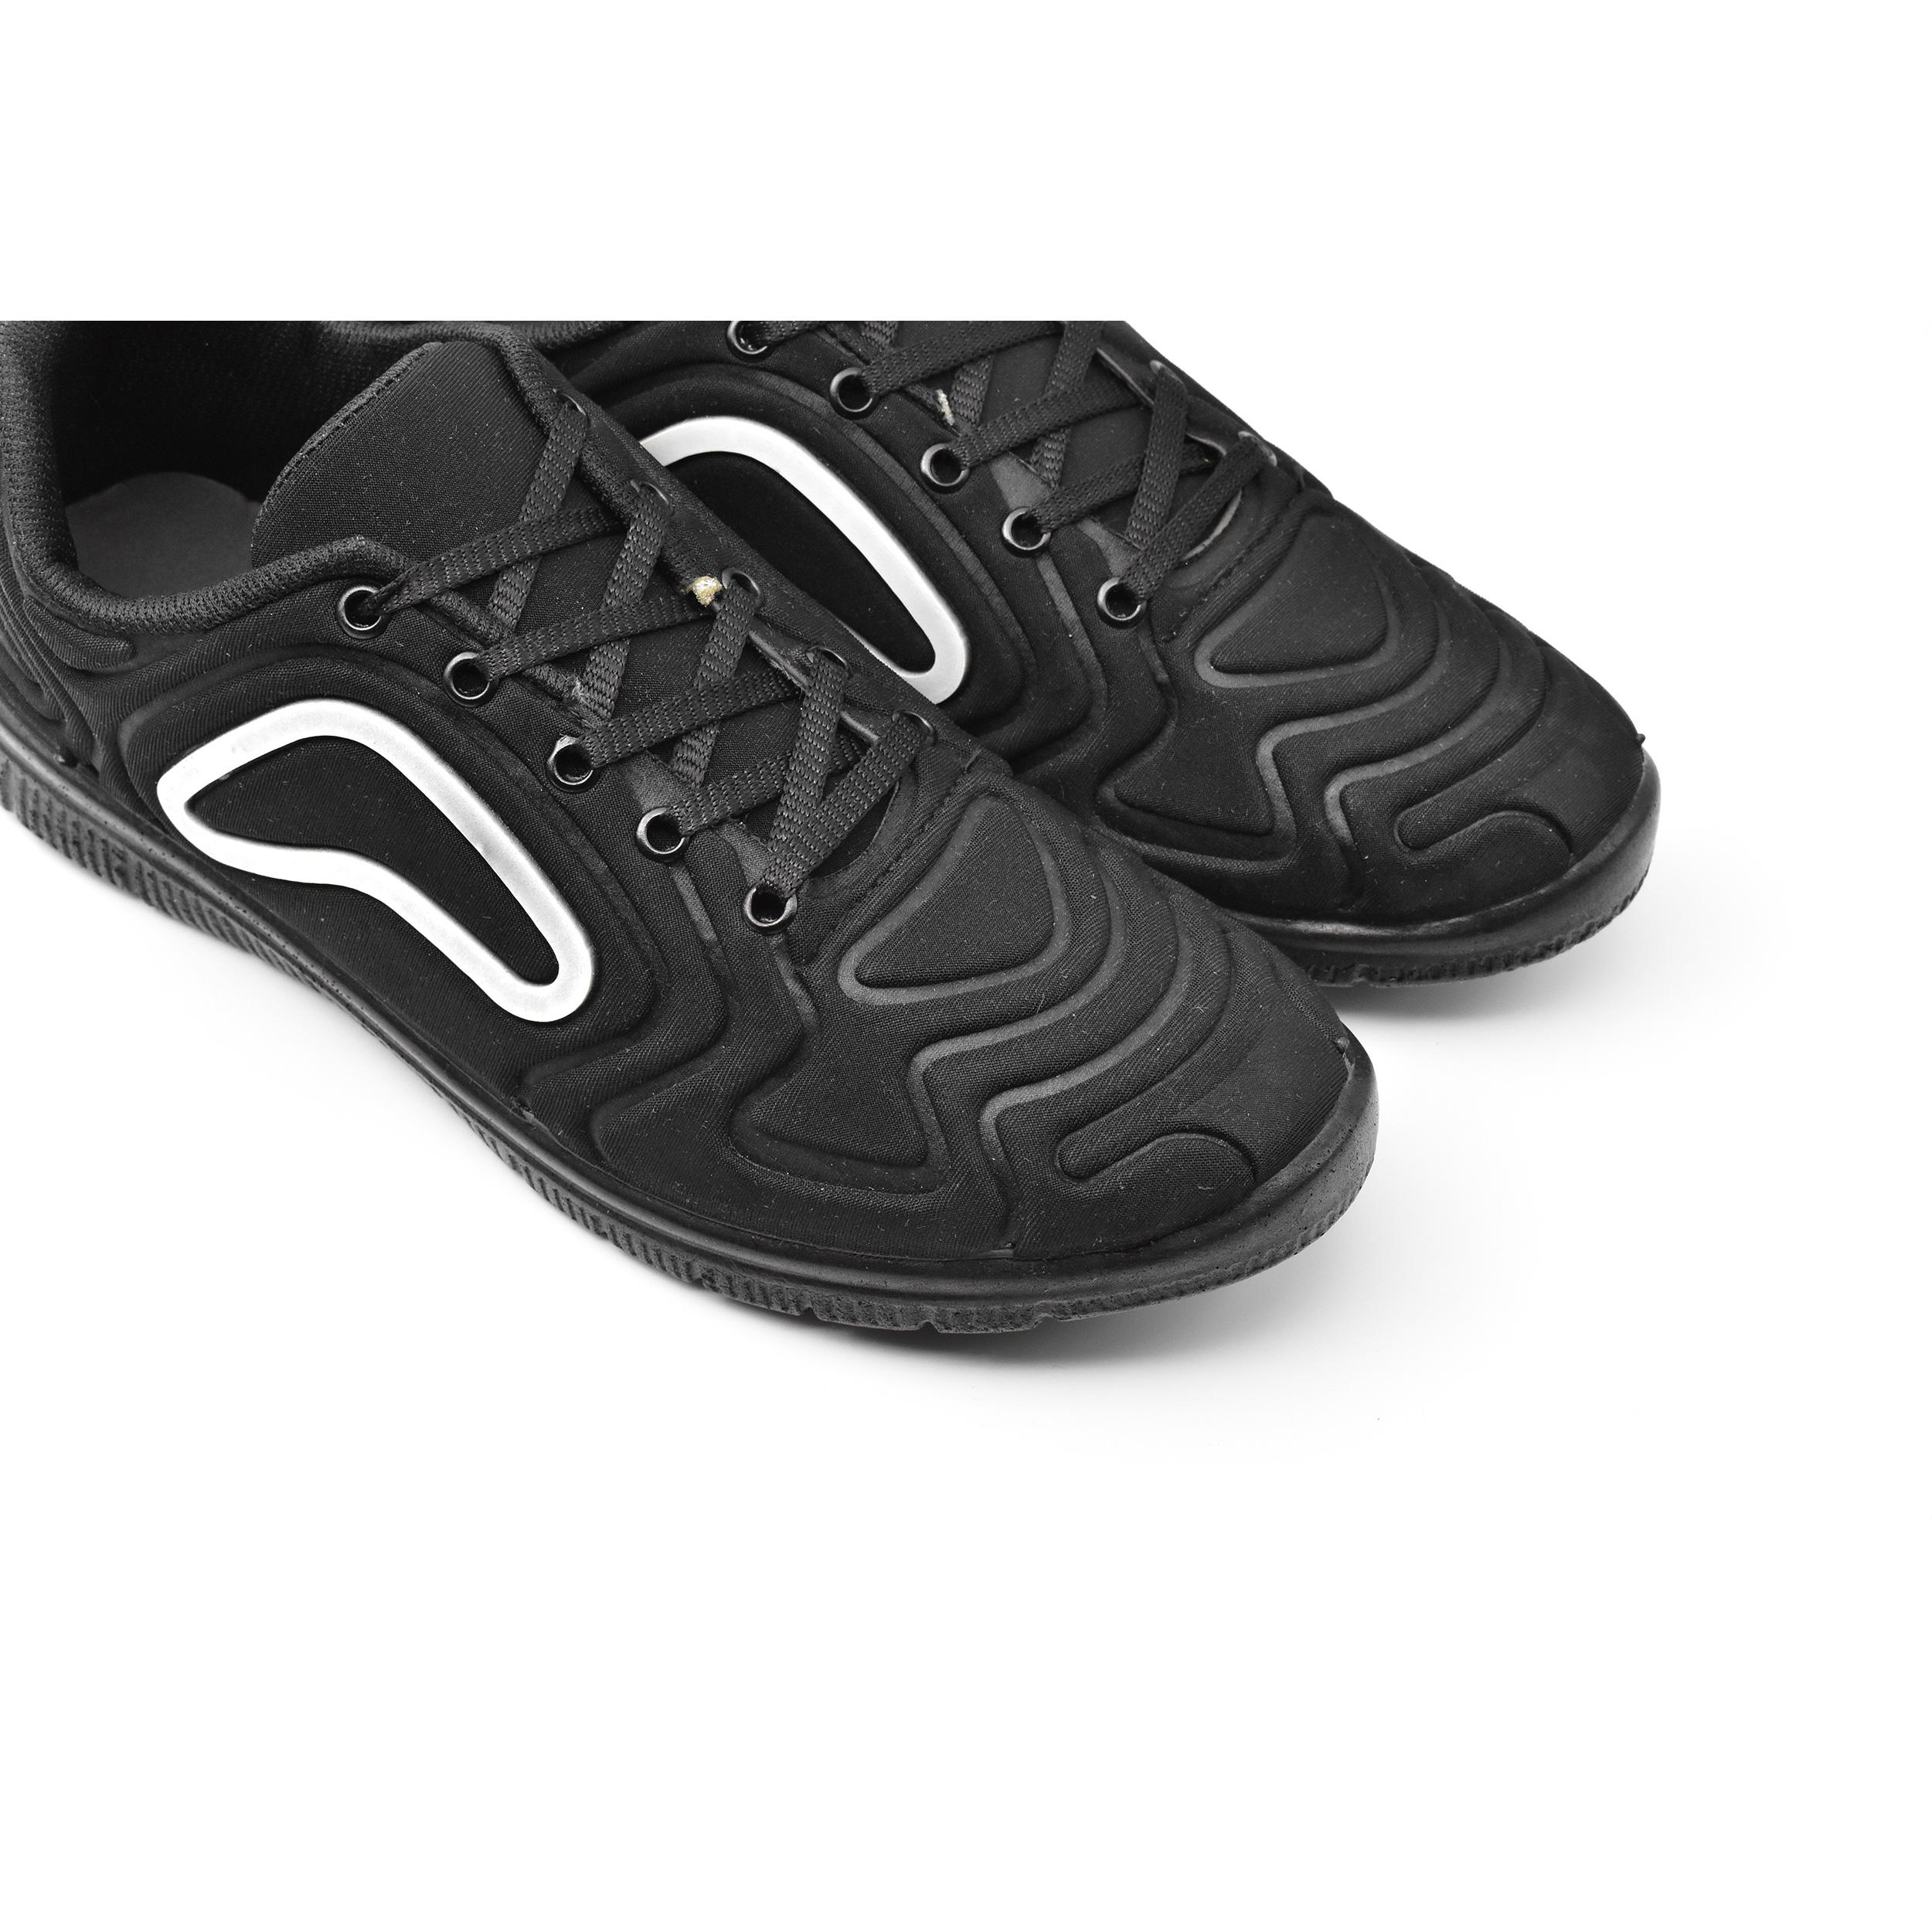 قیمت خرید کفش مخصوص پیاده روی مردانه مدل اسوه کد 6883 اورجینال